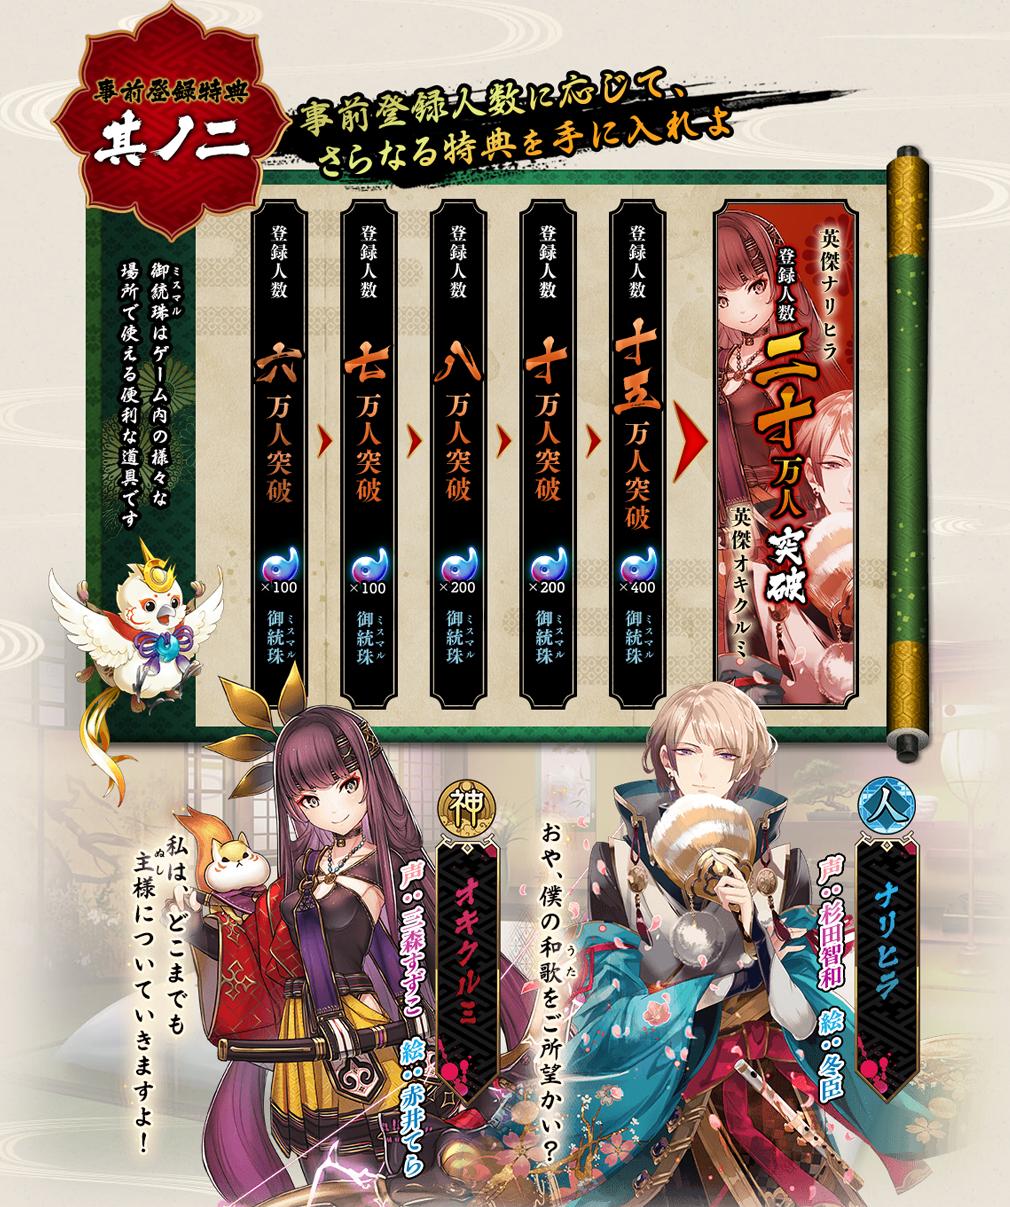 一血卍傑オンライン(イッチバンケツ) 事前登録特典2